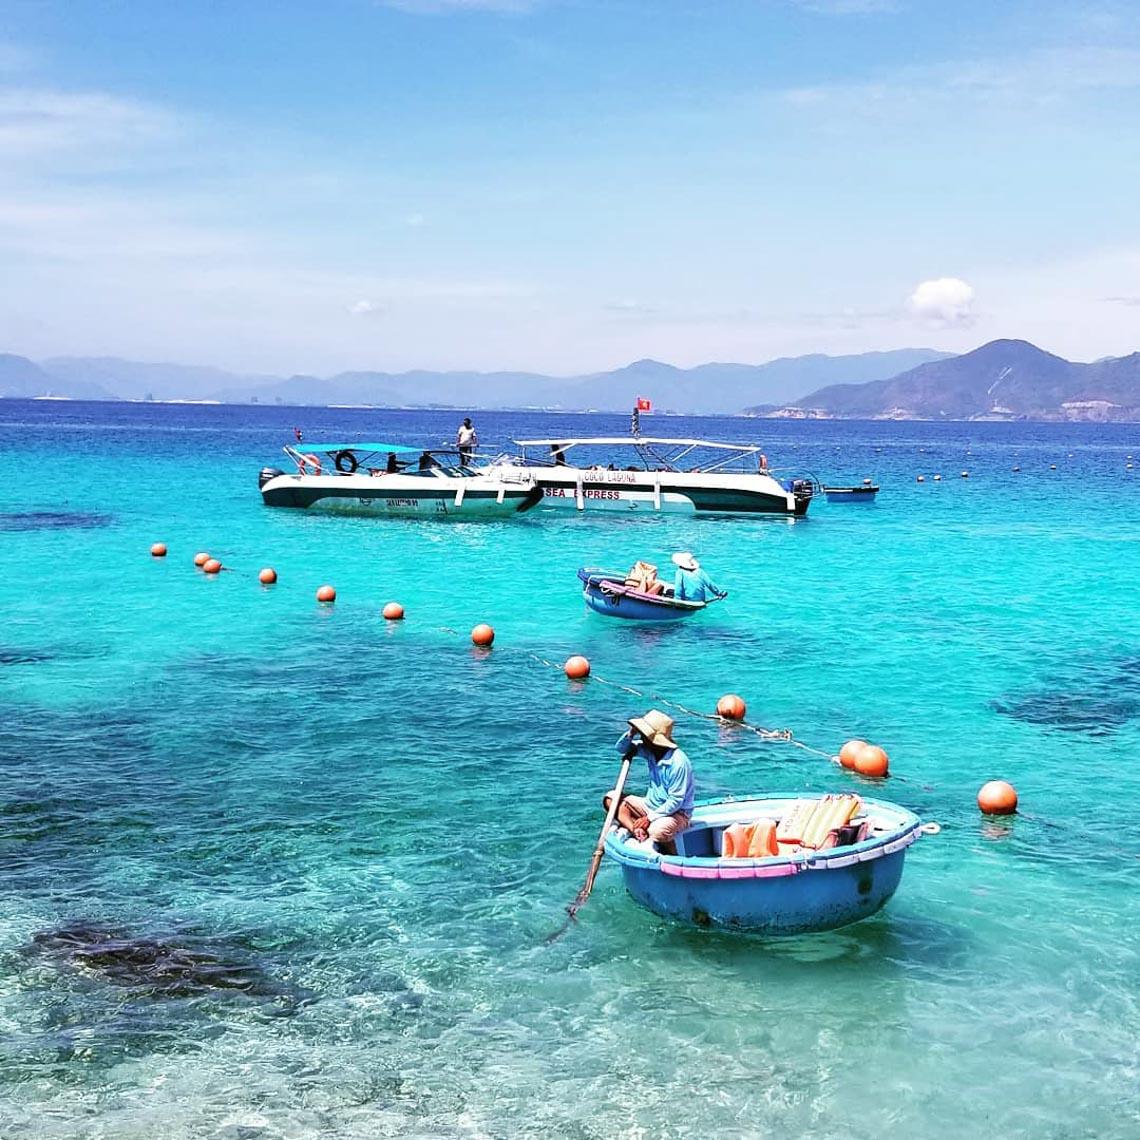 Lý do Nha Trang trở thành 1 trong 29 vịnh biển đẹp nhất thế giới do CLB những vịnh đẹp nhất thế giới bình chọn -4